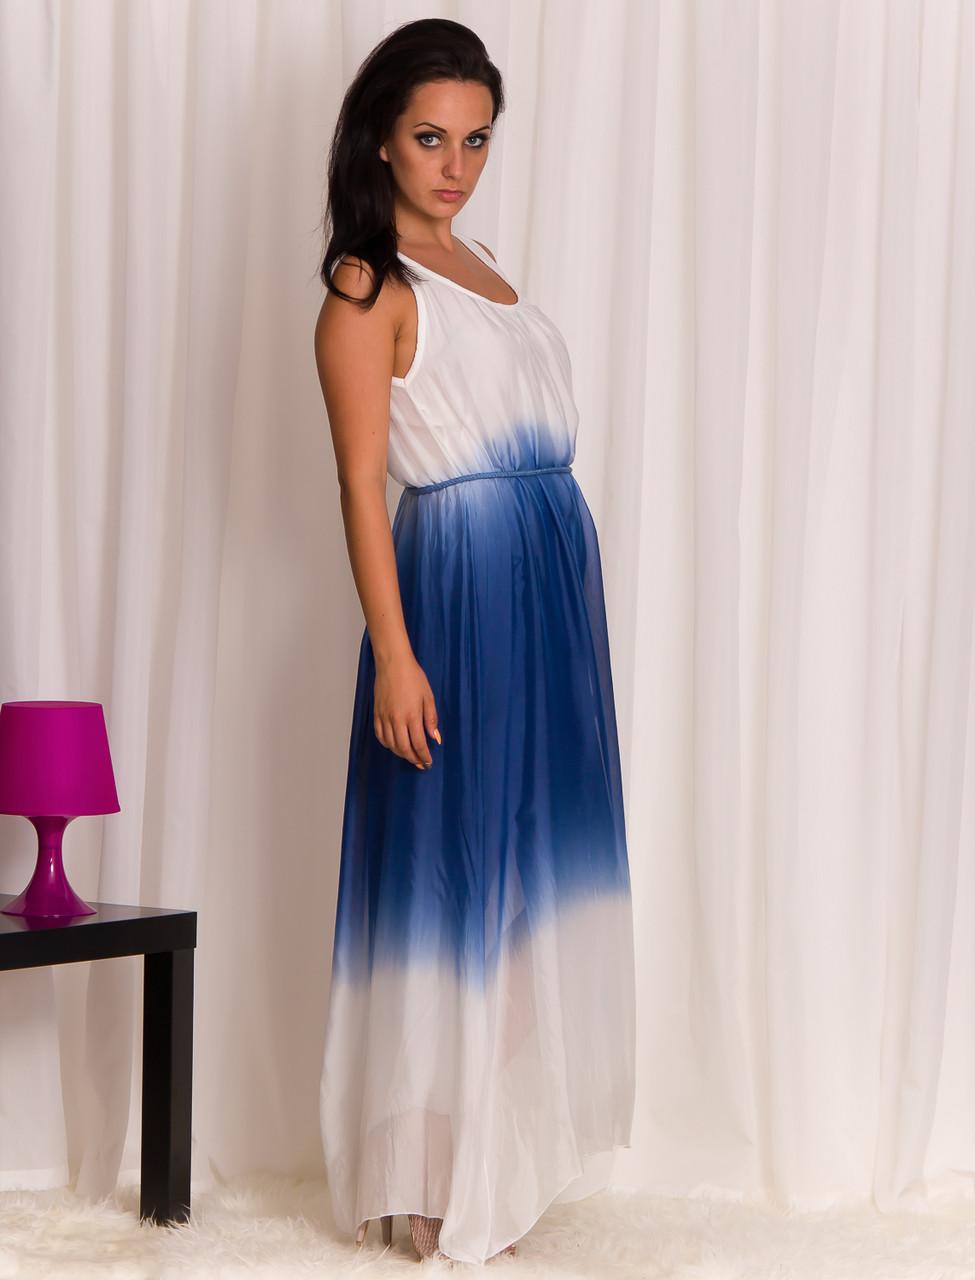 da80473ce87a Hedvábné Šaty Letní Glamorous Modré Dámské Glam By Dlouhé 54RLj3Aq